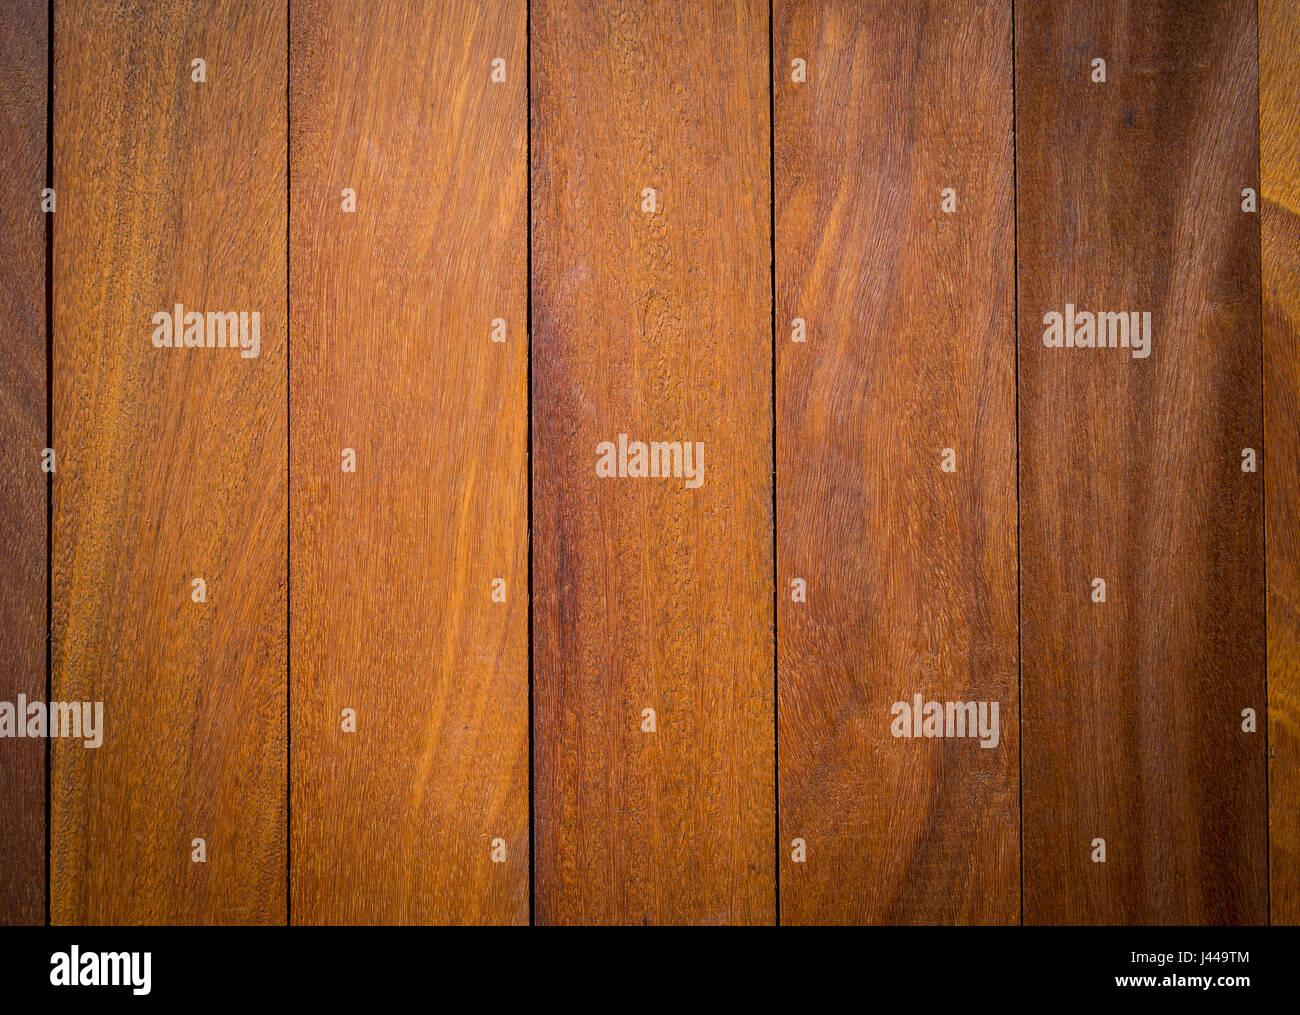 Pannello di legno in sottofondo liscio grano marrone Immagini Stock